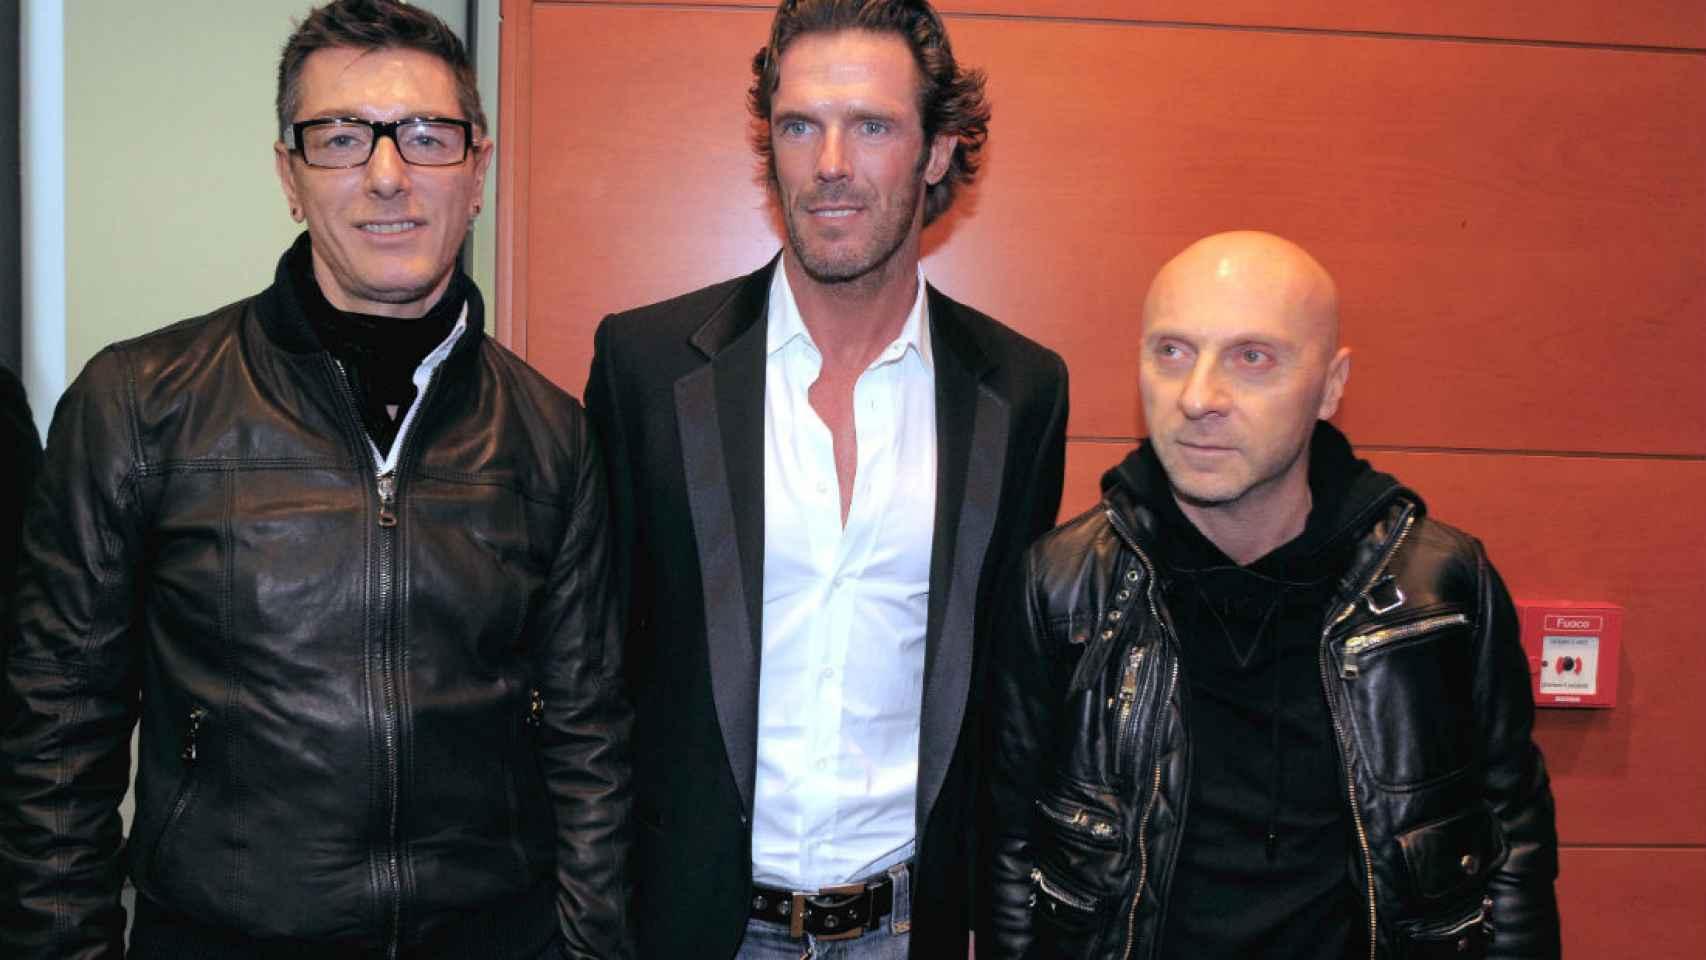 En el centro, Mario Cipollini, junto a los diseñadores Dolce y Gabbana.